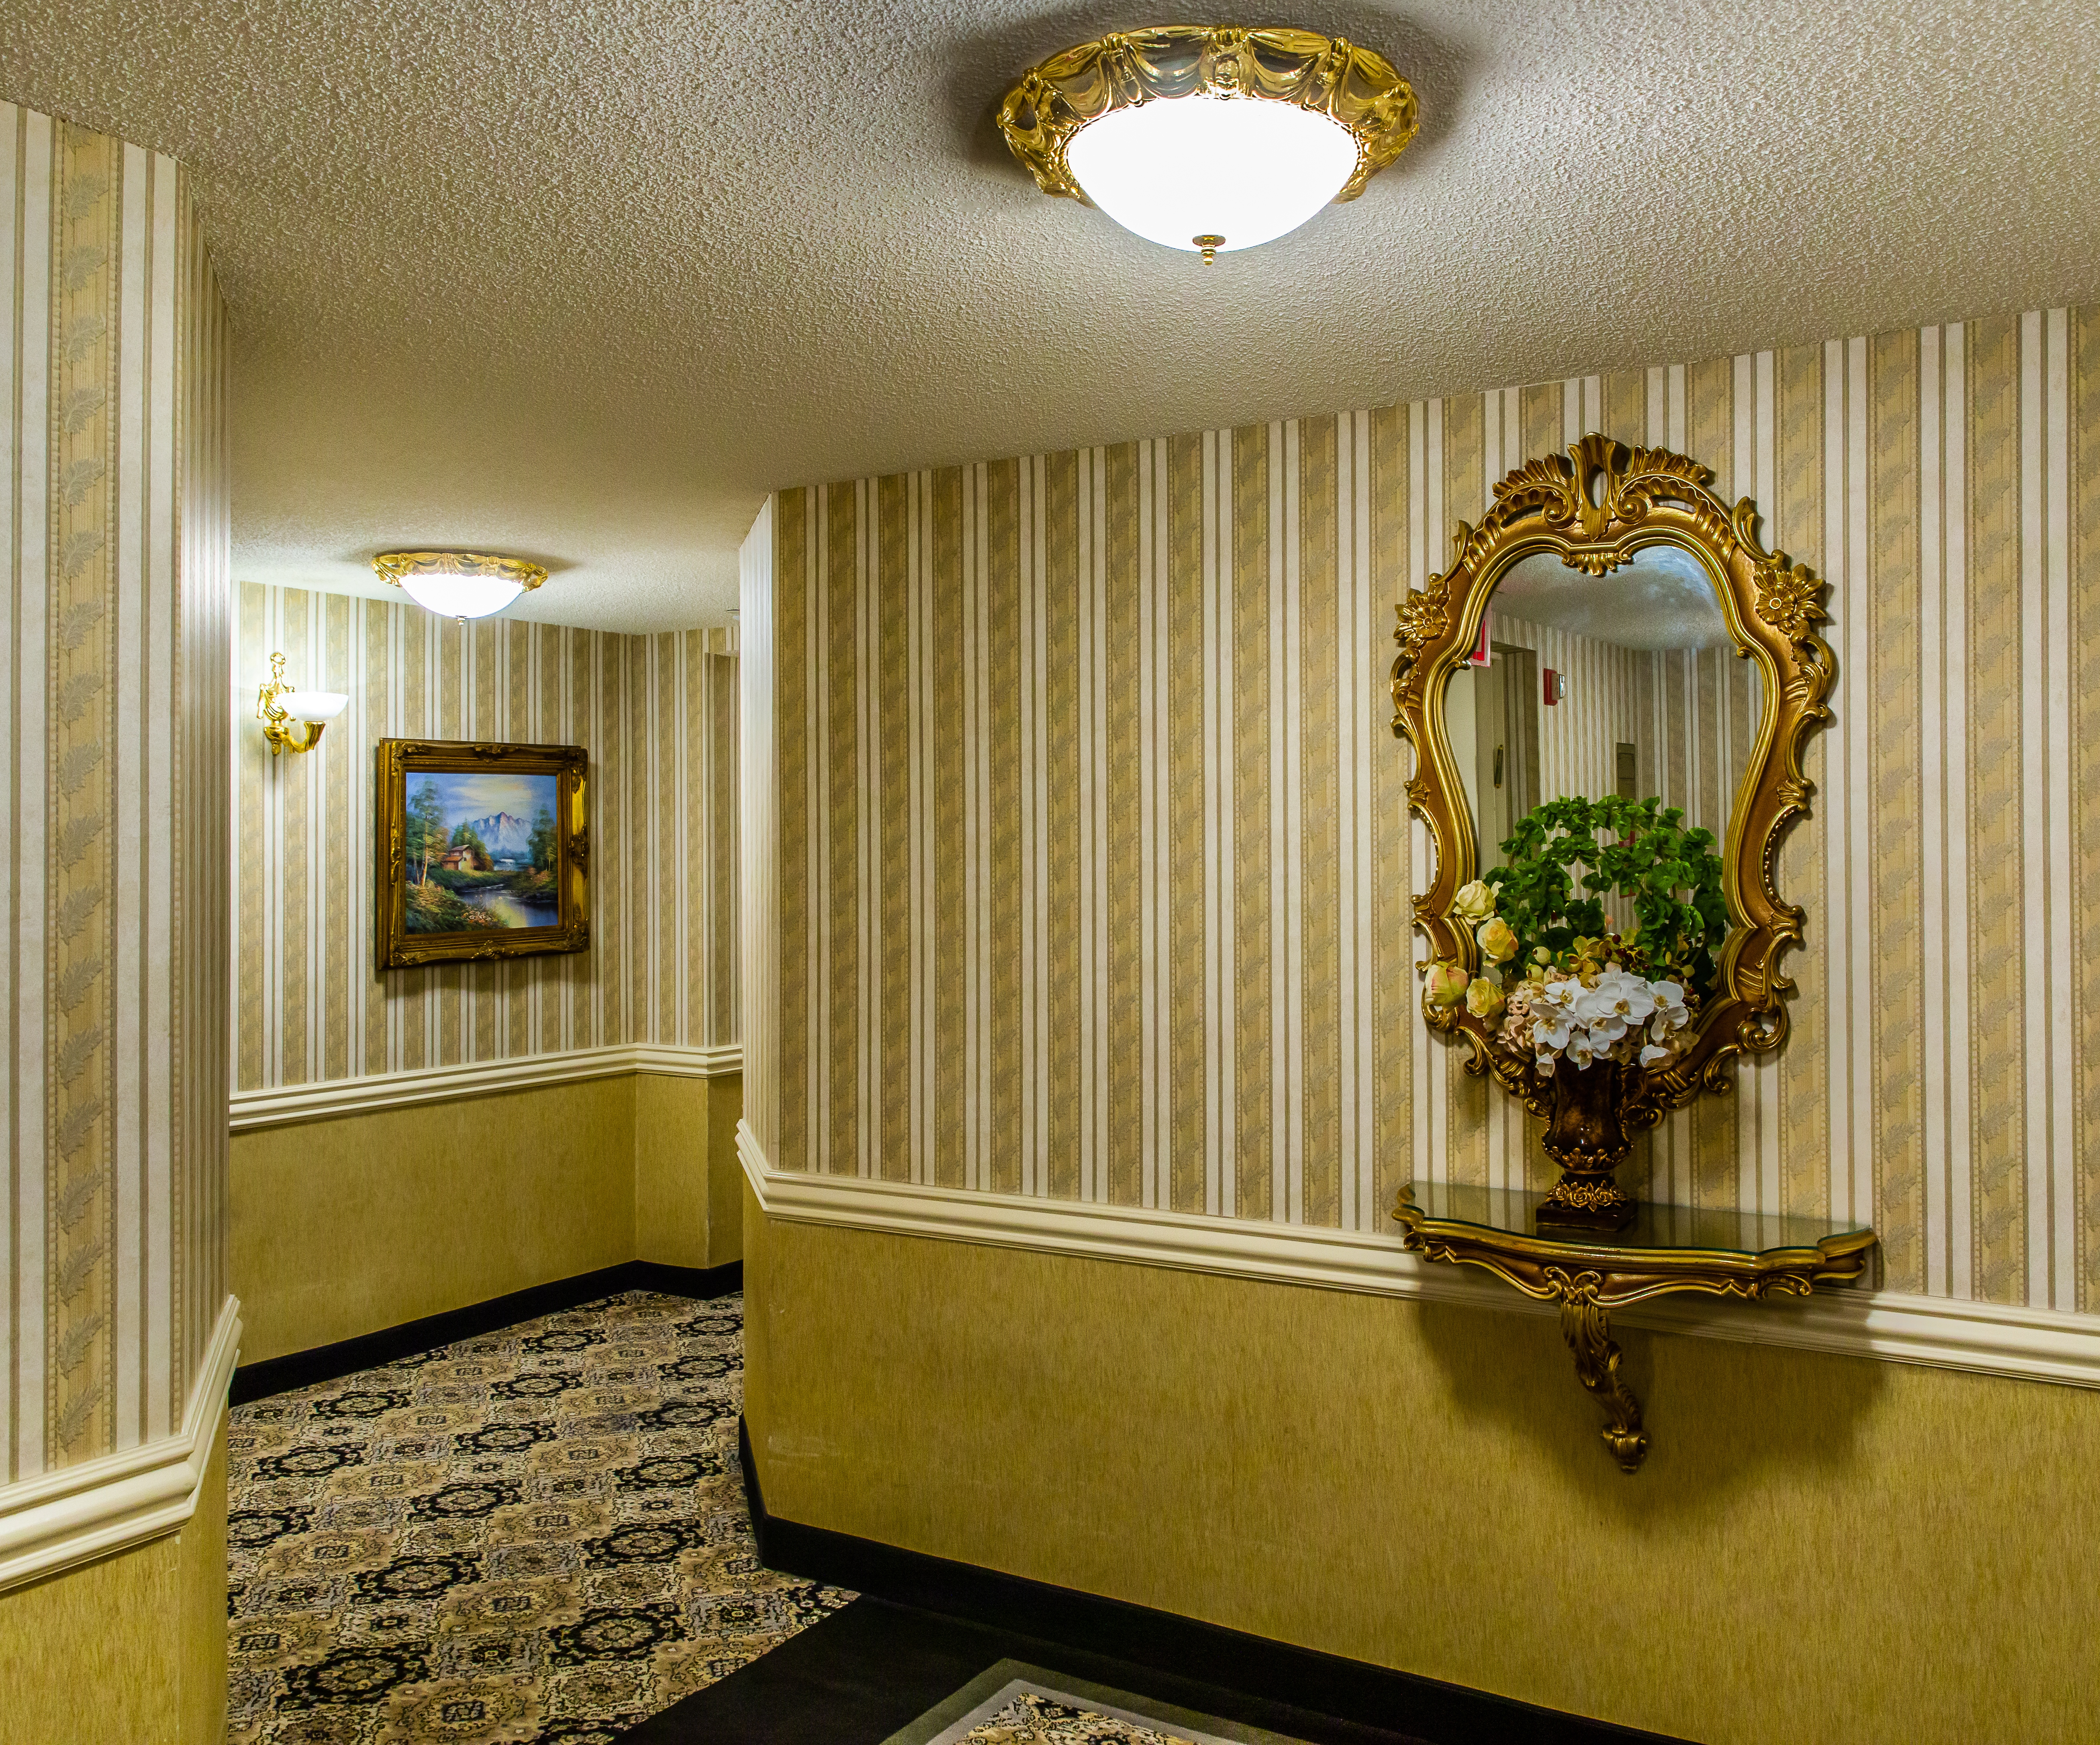 A Hallway 2 jpeg